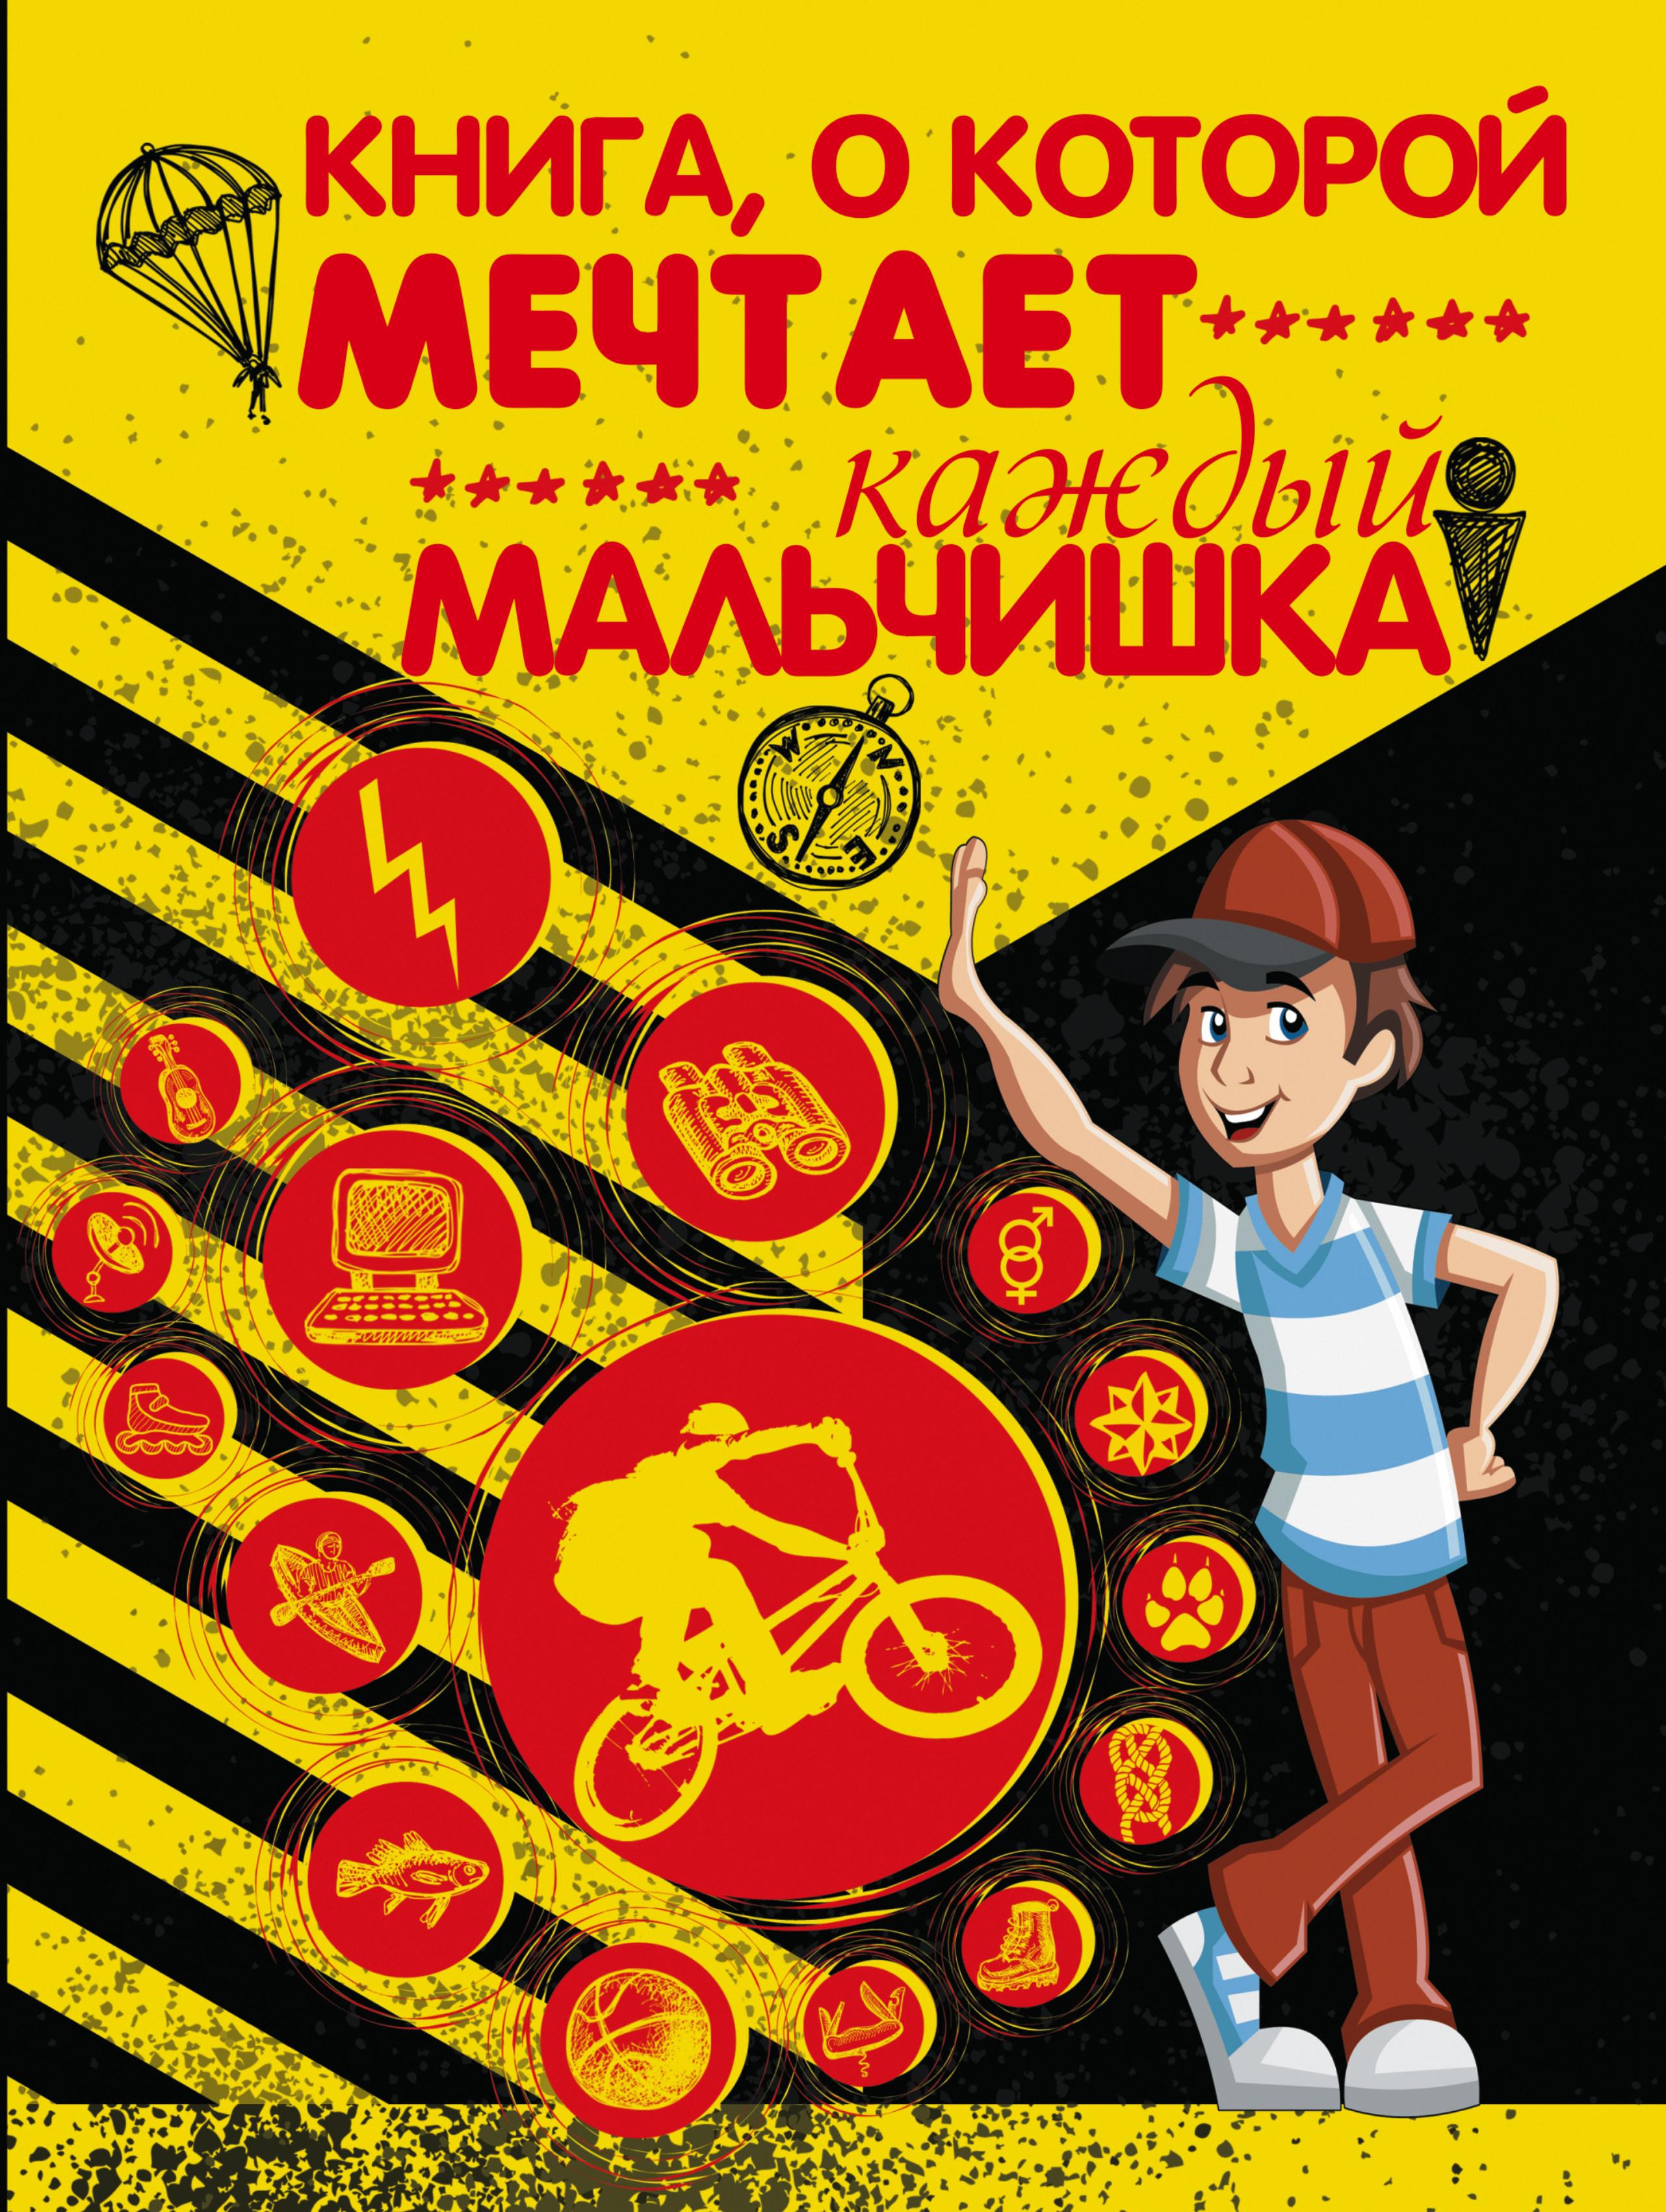 Вайткене Л.Д. Книга, о которой мечтает каждый мальчишка вайткене л книга о которой мечтает каждый мальчишка